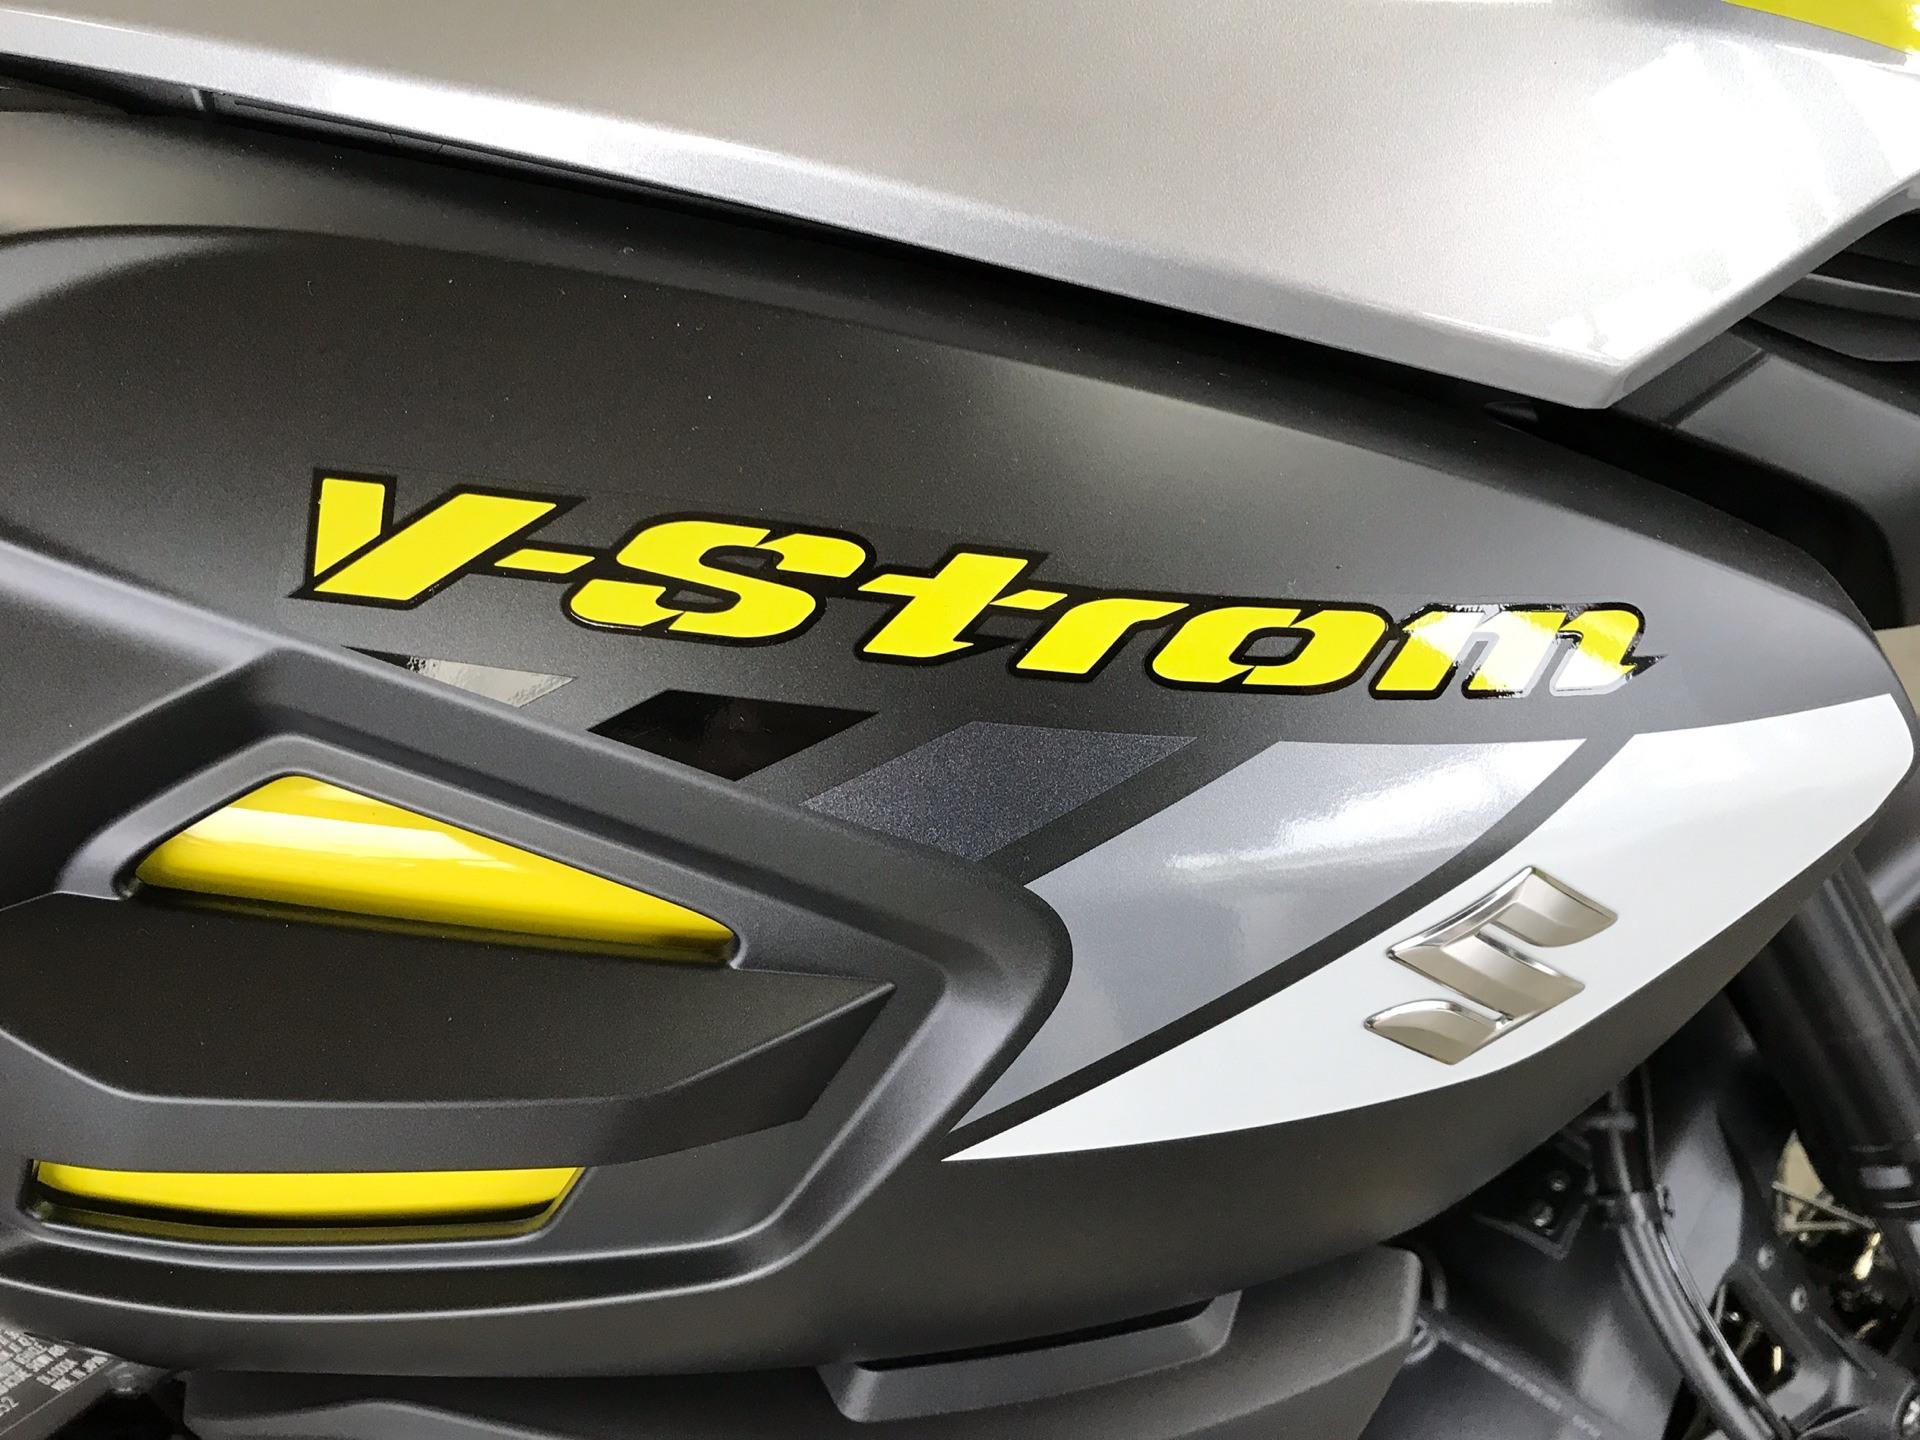 2018 Suzuki V-Strom 1000XT 10